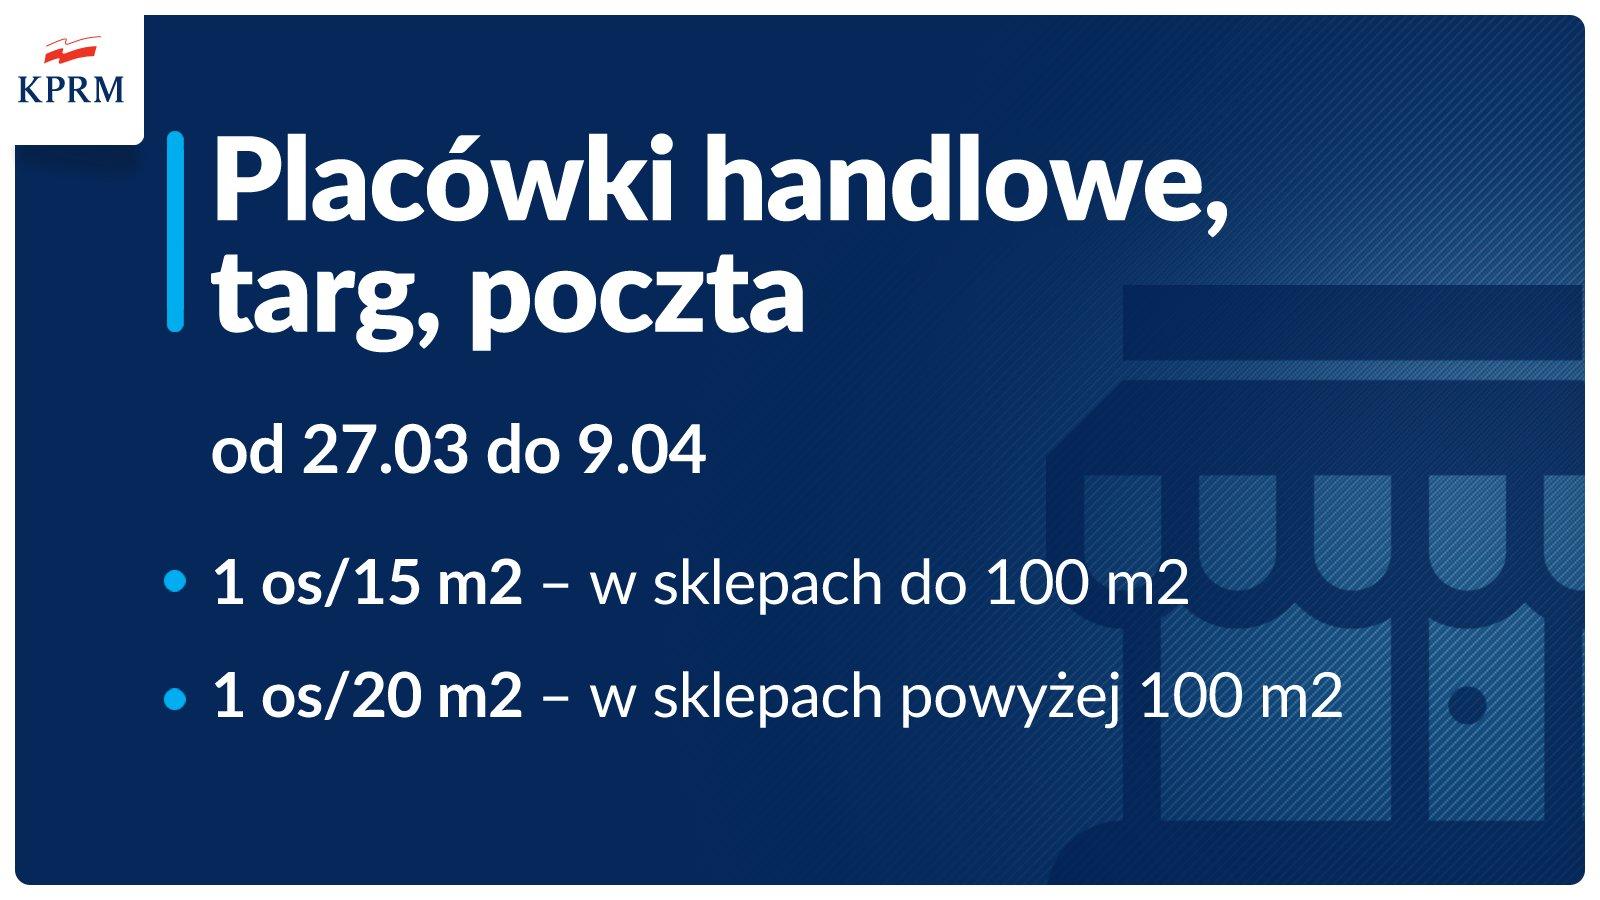 Zalecenia w związku z COVID - 19 placówki handlowe, targ, poczta - infografika